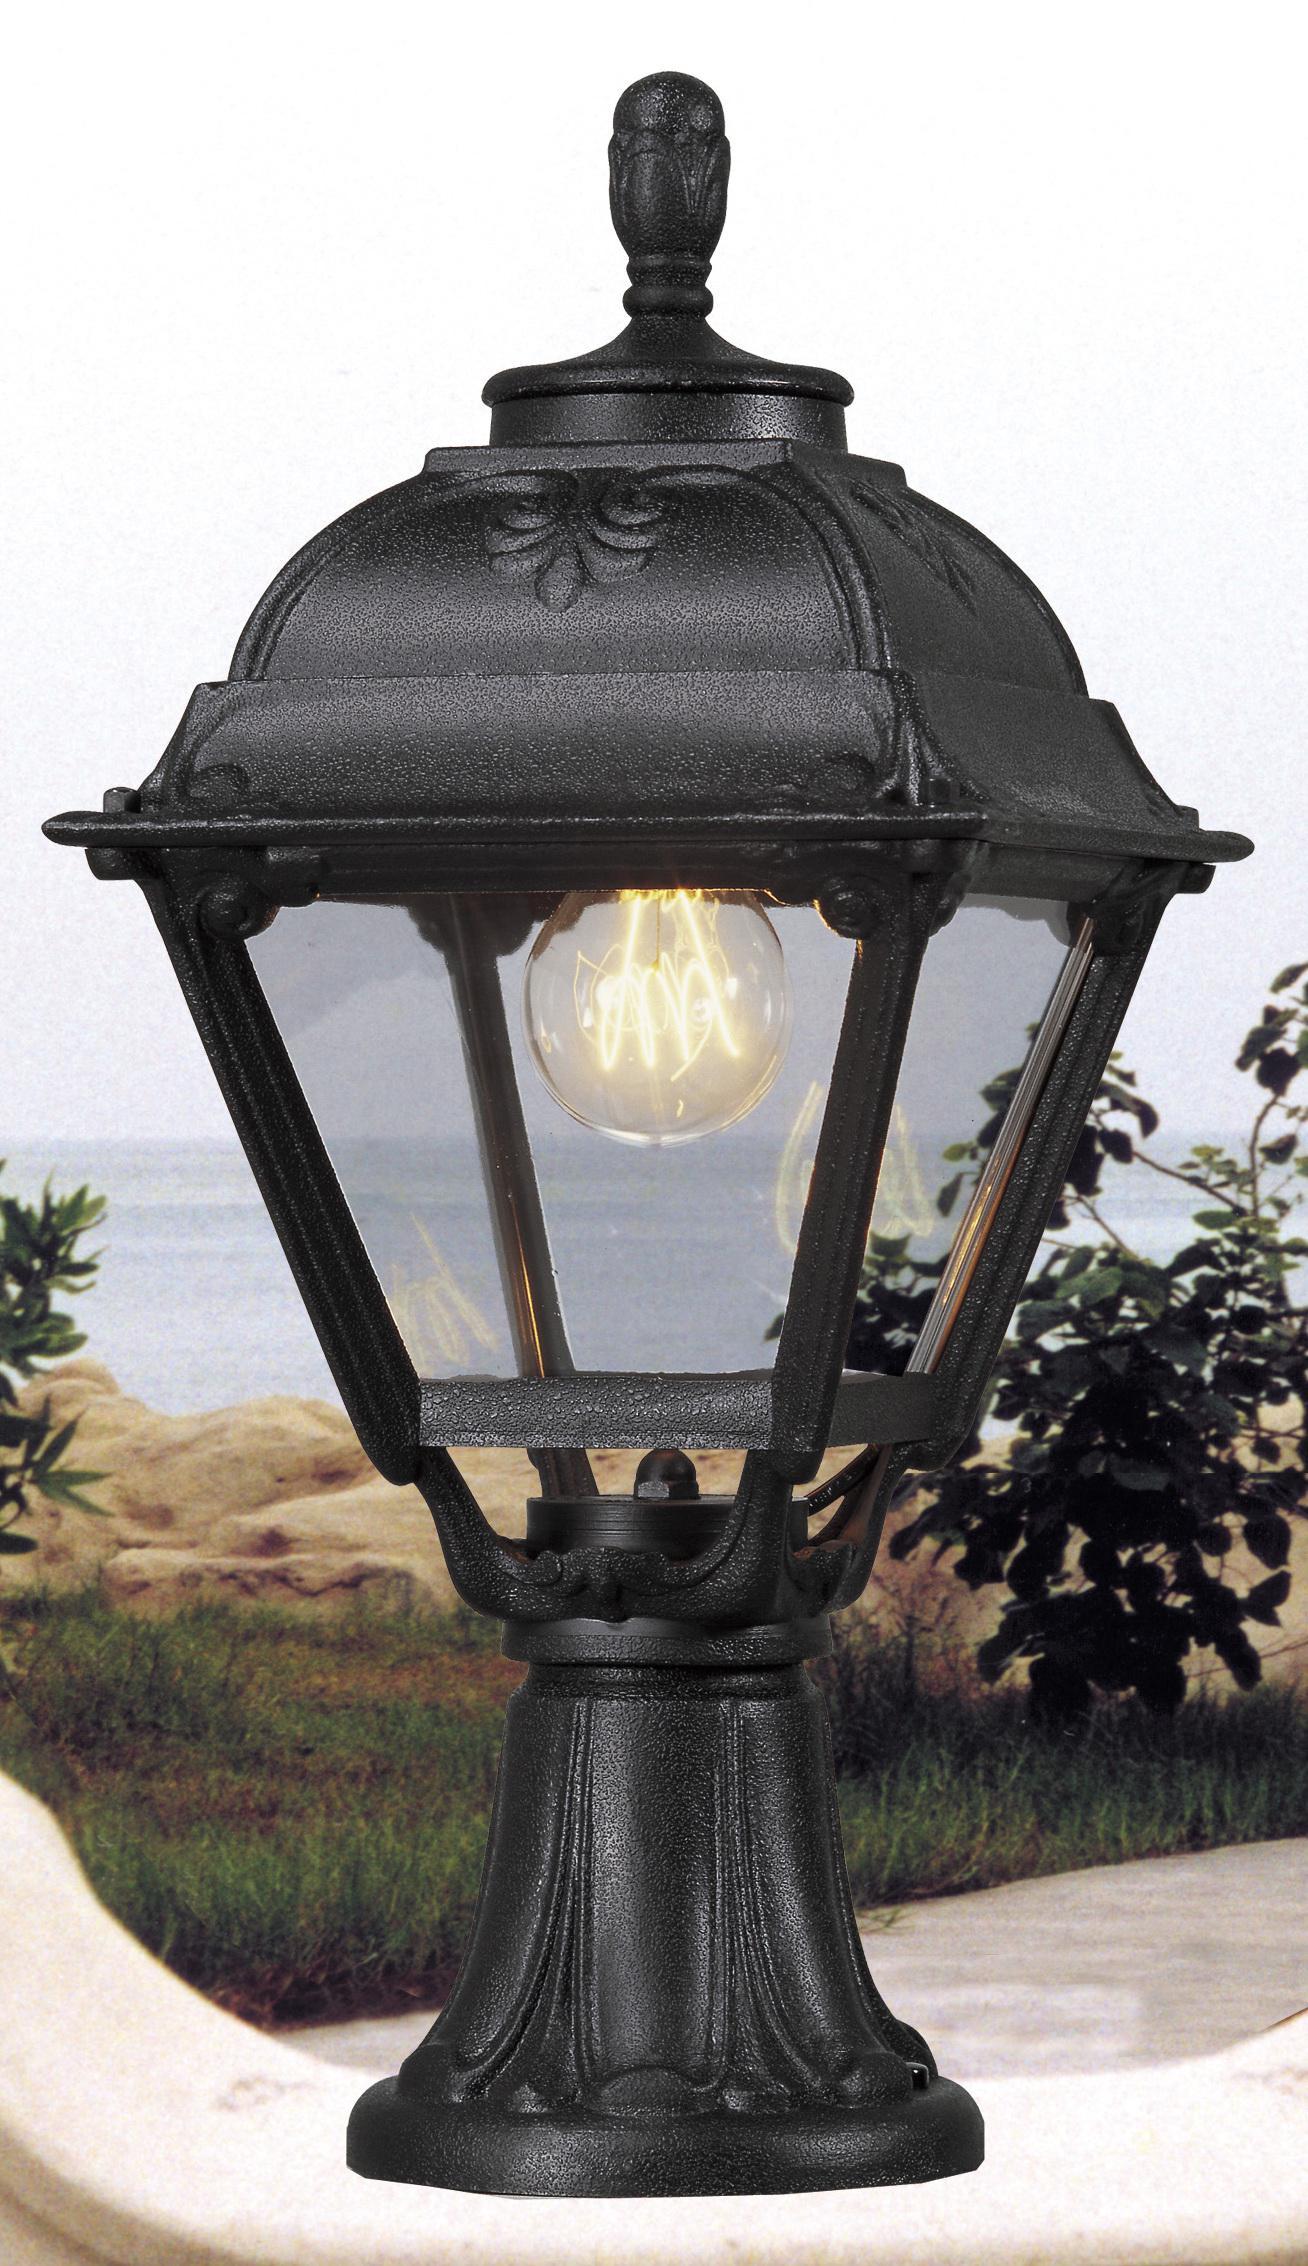 Светильник Fumagalli Cefa minilot, уличный, производство: Италия, черный прозрачный